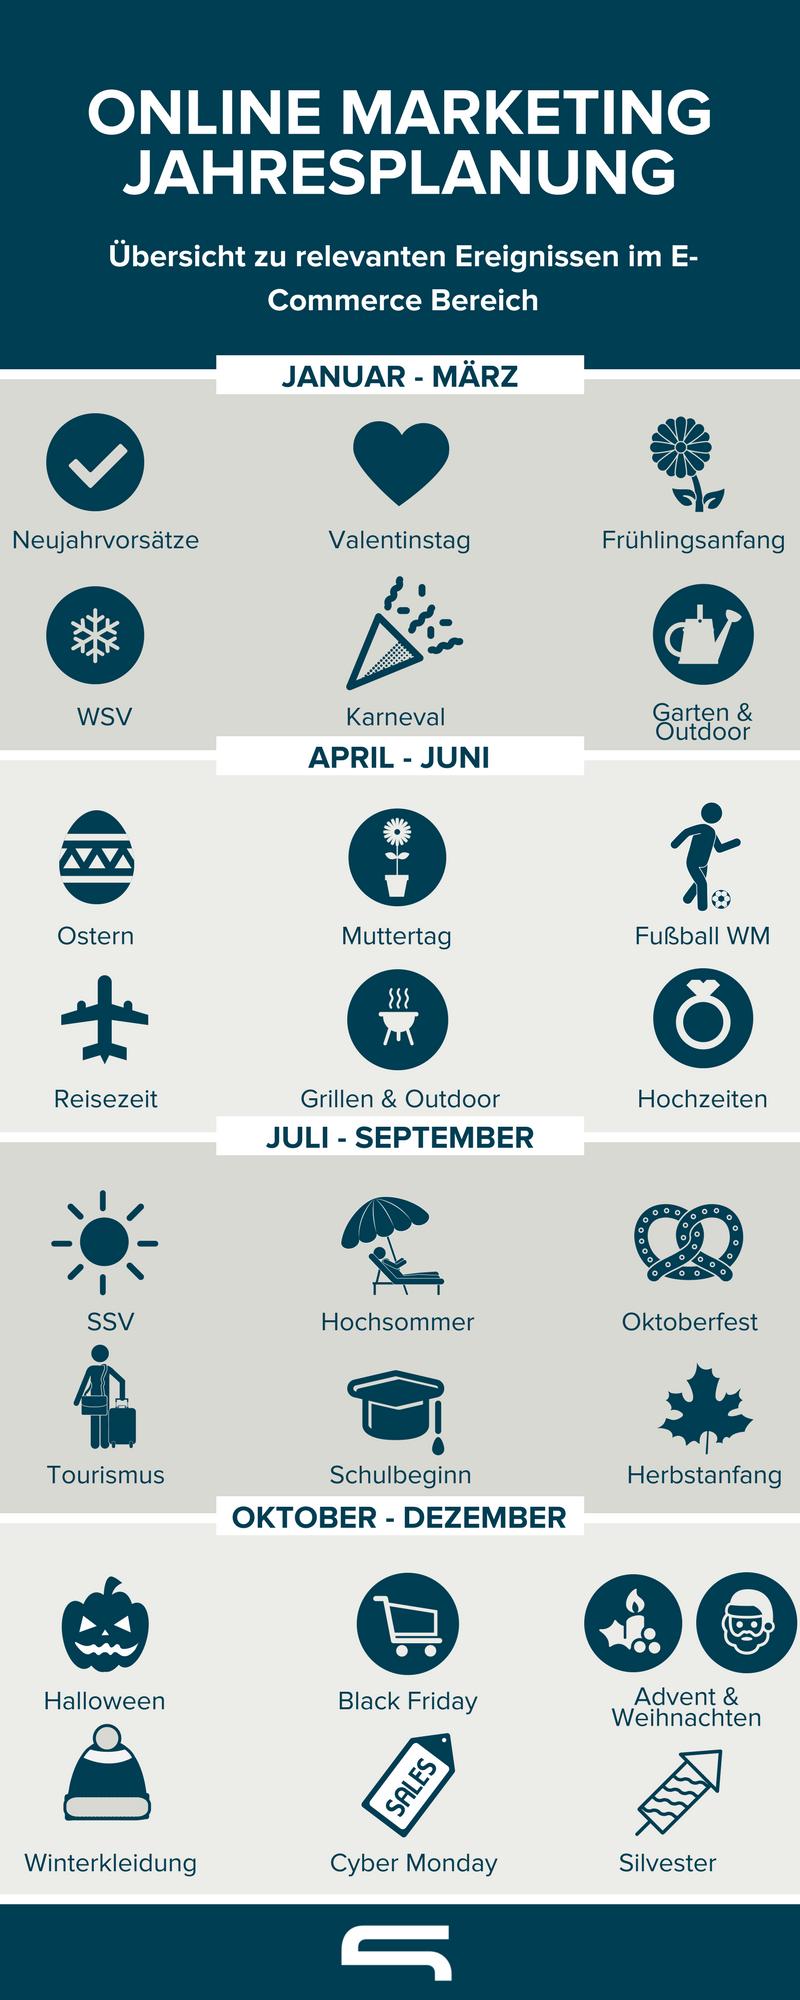 Online-Marketing: Jahresplanung für Shopbetreiber – Der Online-Marketing-Kalender